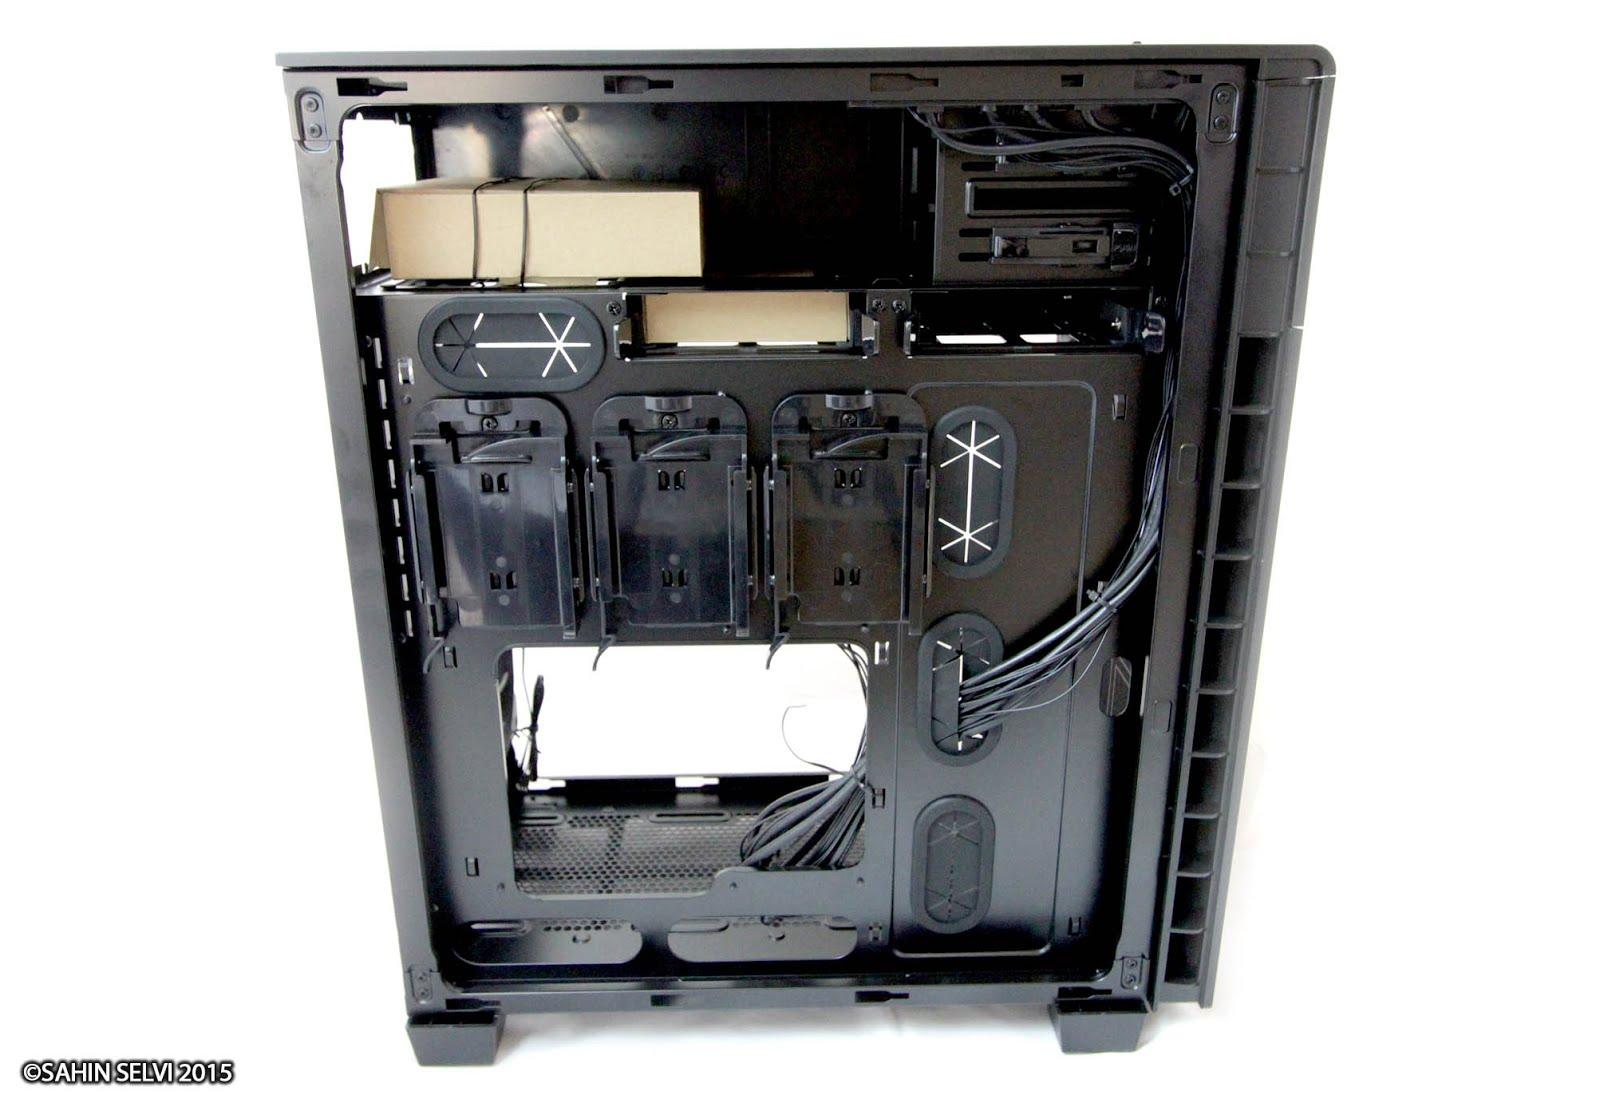 reputable site 929ef 594c8 Centre Com: Corsair Carbide 600Q Review